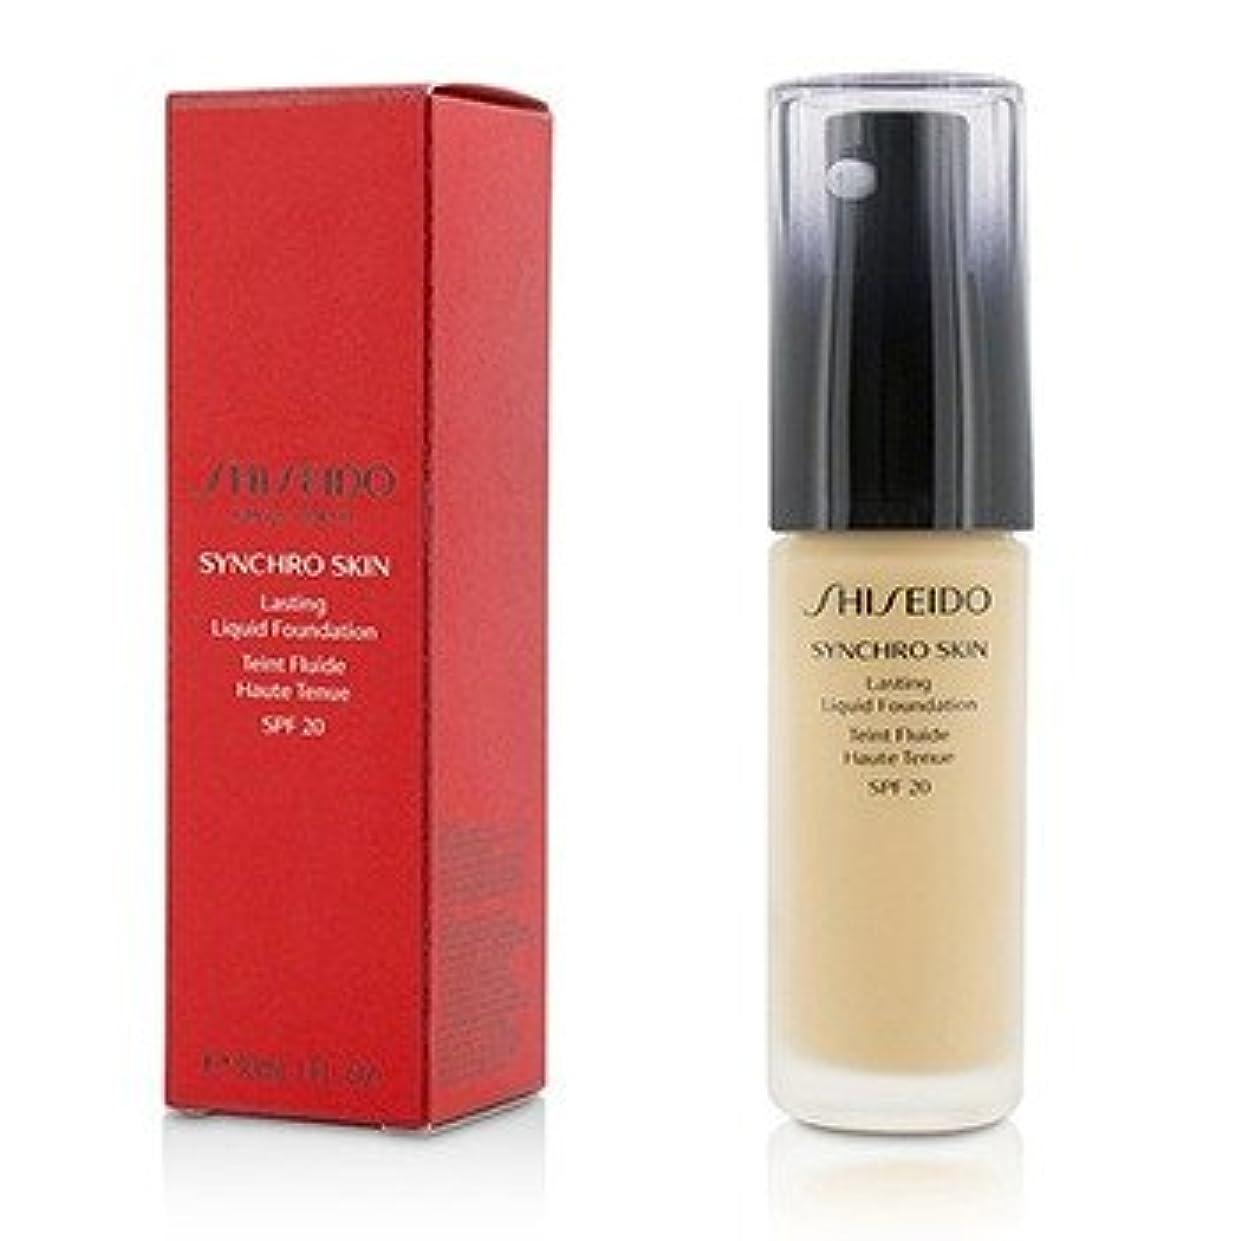 オン大使館上昇[Shiseido] Synchro Skin Lasting Liquid Foundation SPF 20 - Neutral 3 30ml/1oz